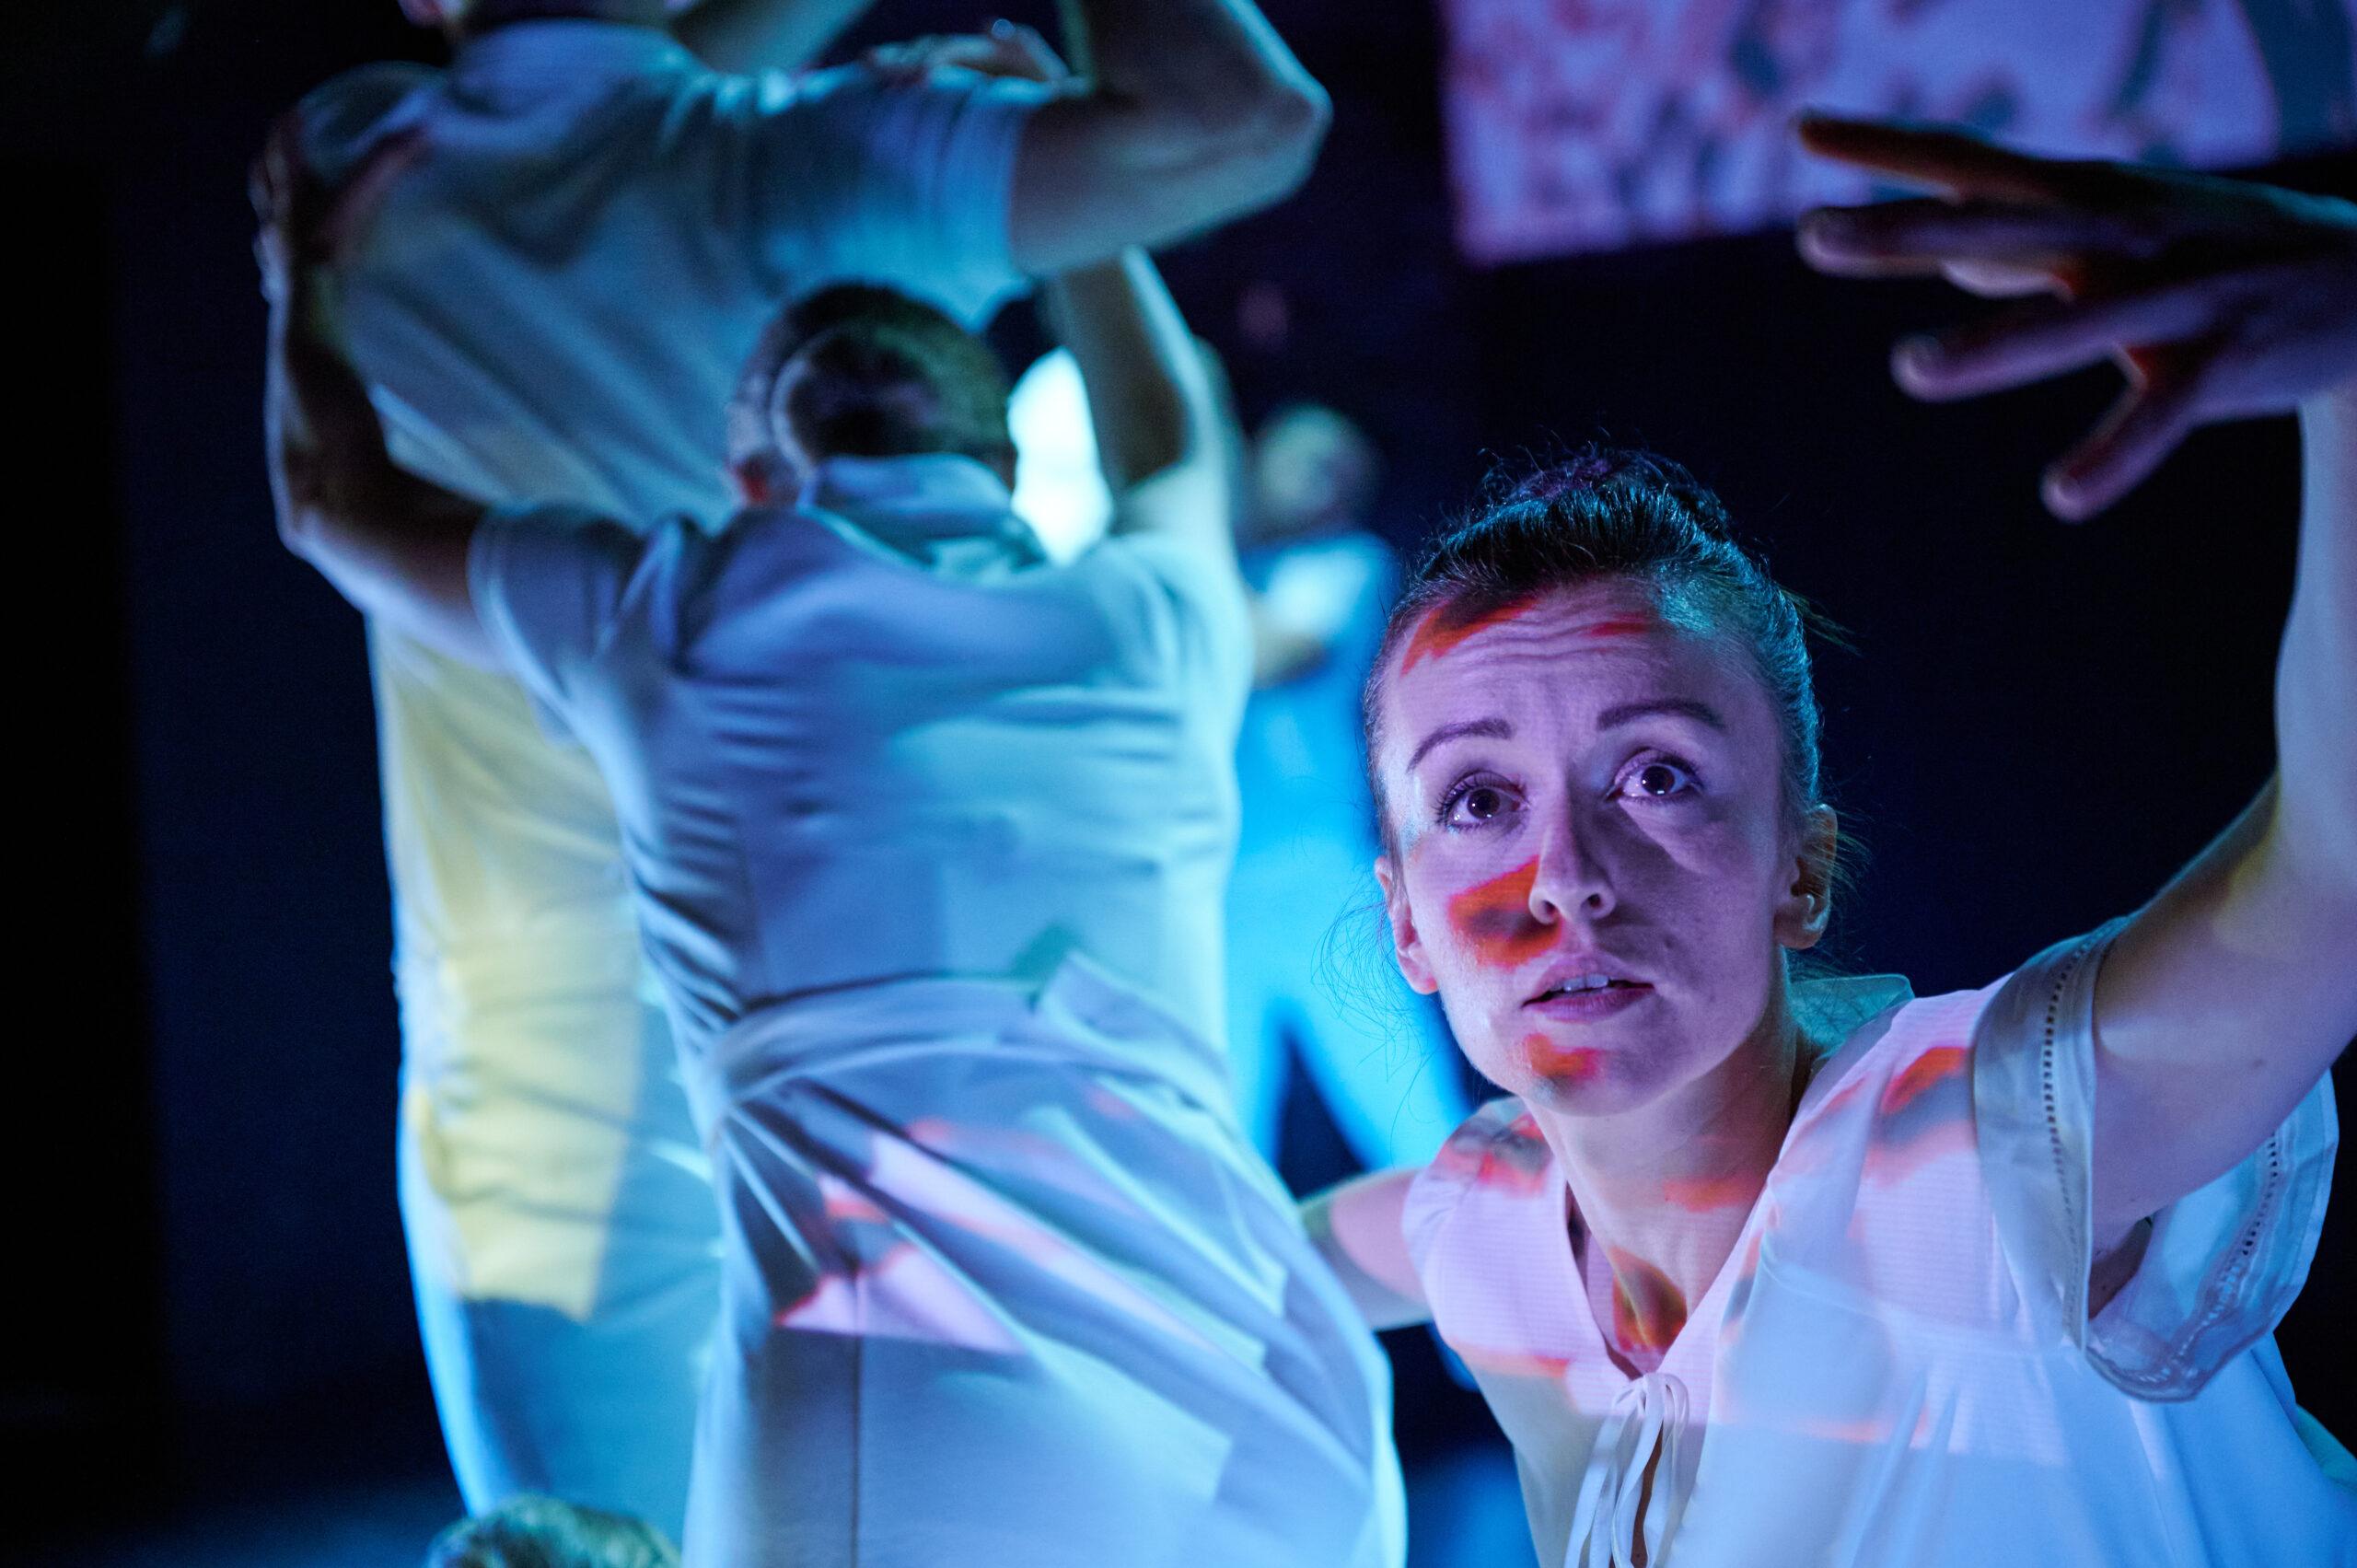 Na pierwszym planie twarz dziewczyny z szeroko otwartymi oczami, jedną rękę ma wyciągniętą przed siebie, drugim ramieniem obejmuje jakąś ubraną na biało, odwróconą tyłem postać kobiety. W tle jeszcze dwie męskie sylwetki.